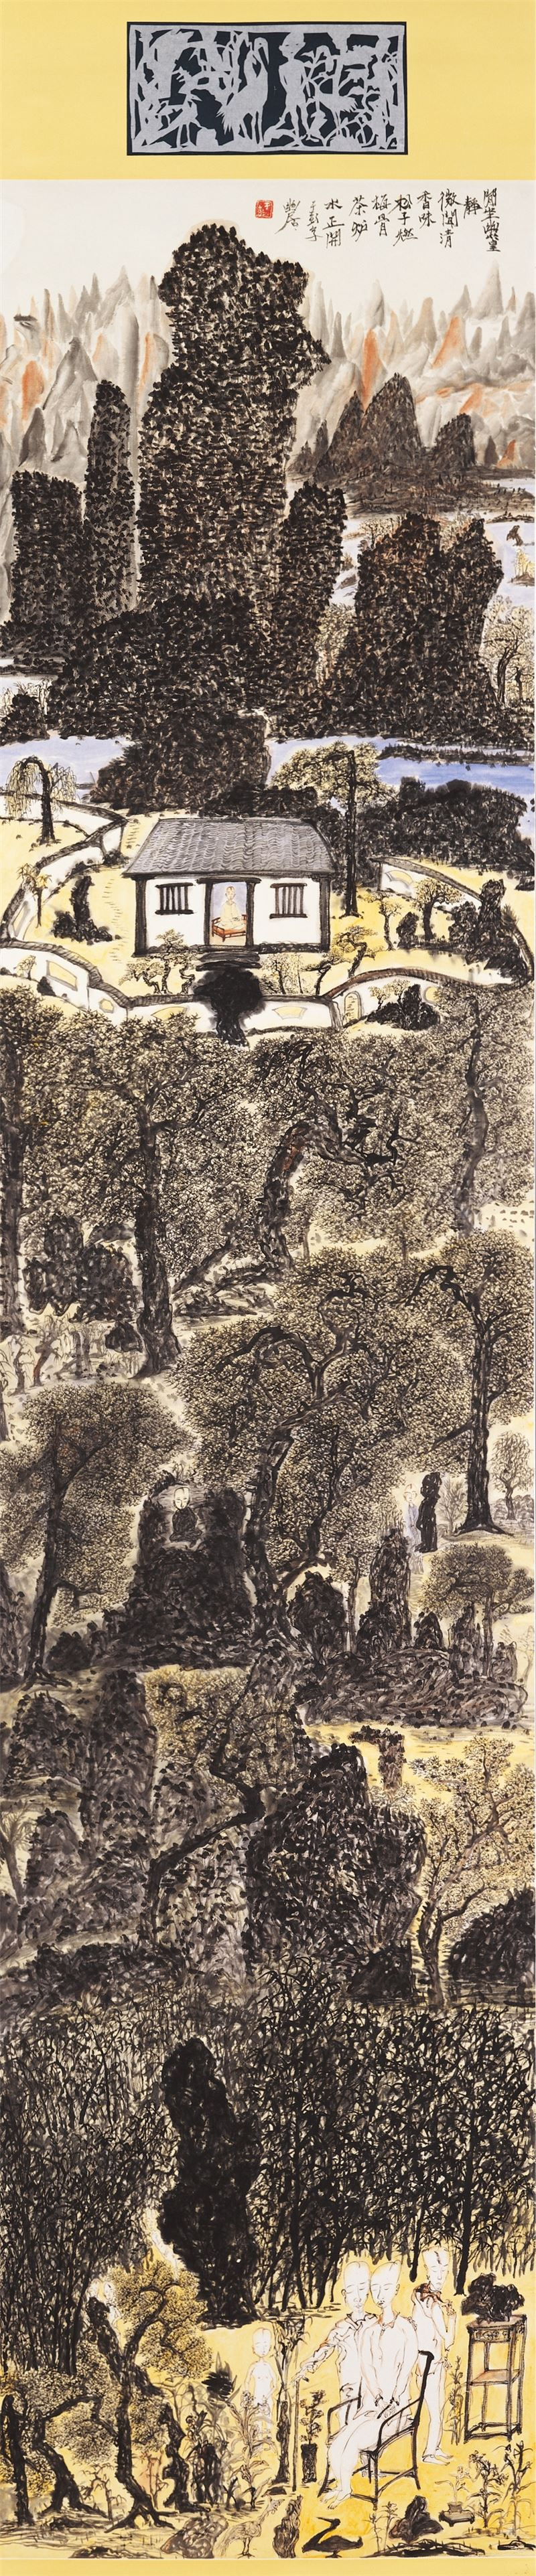 于彭〈閒坐幽篁靜微聞清香味〉1998 彩墨、紙 247.4×52.5 cm